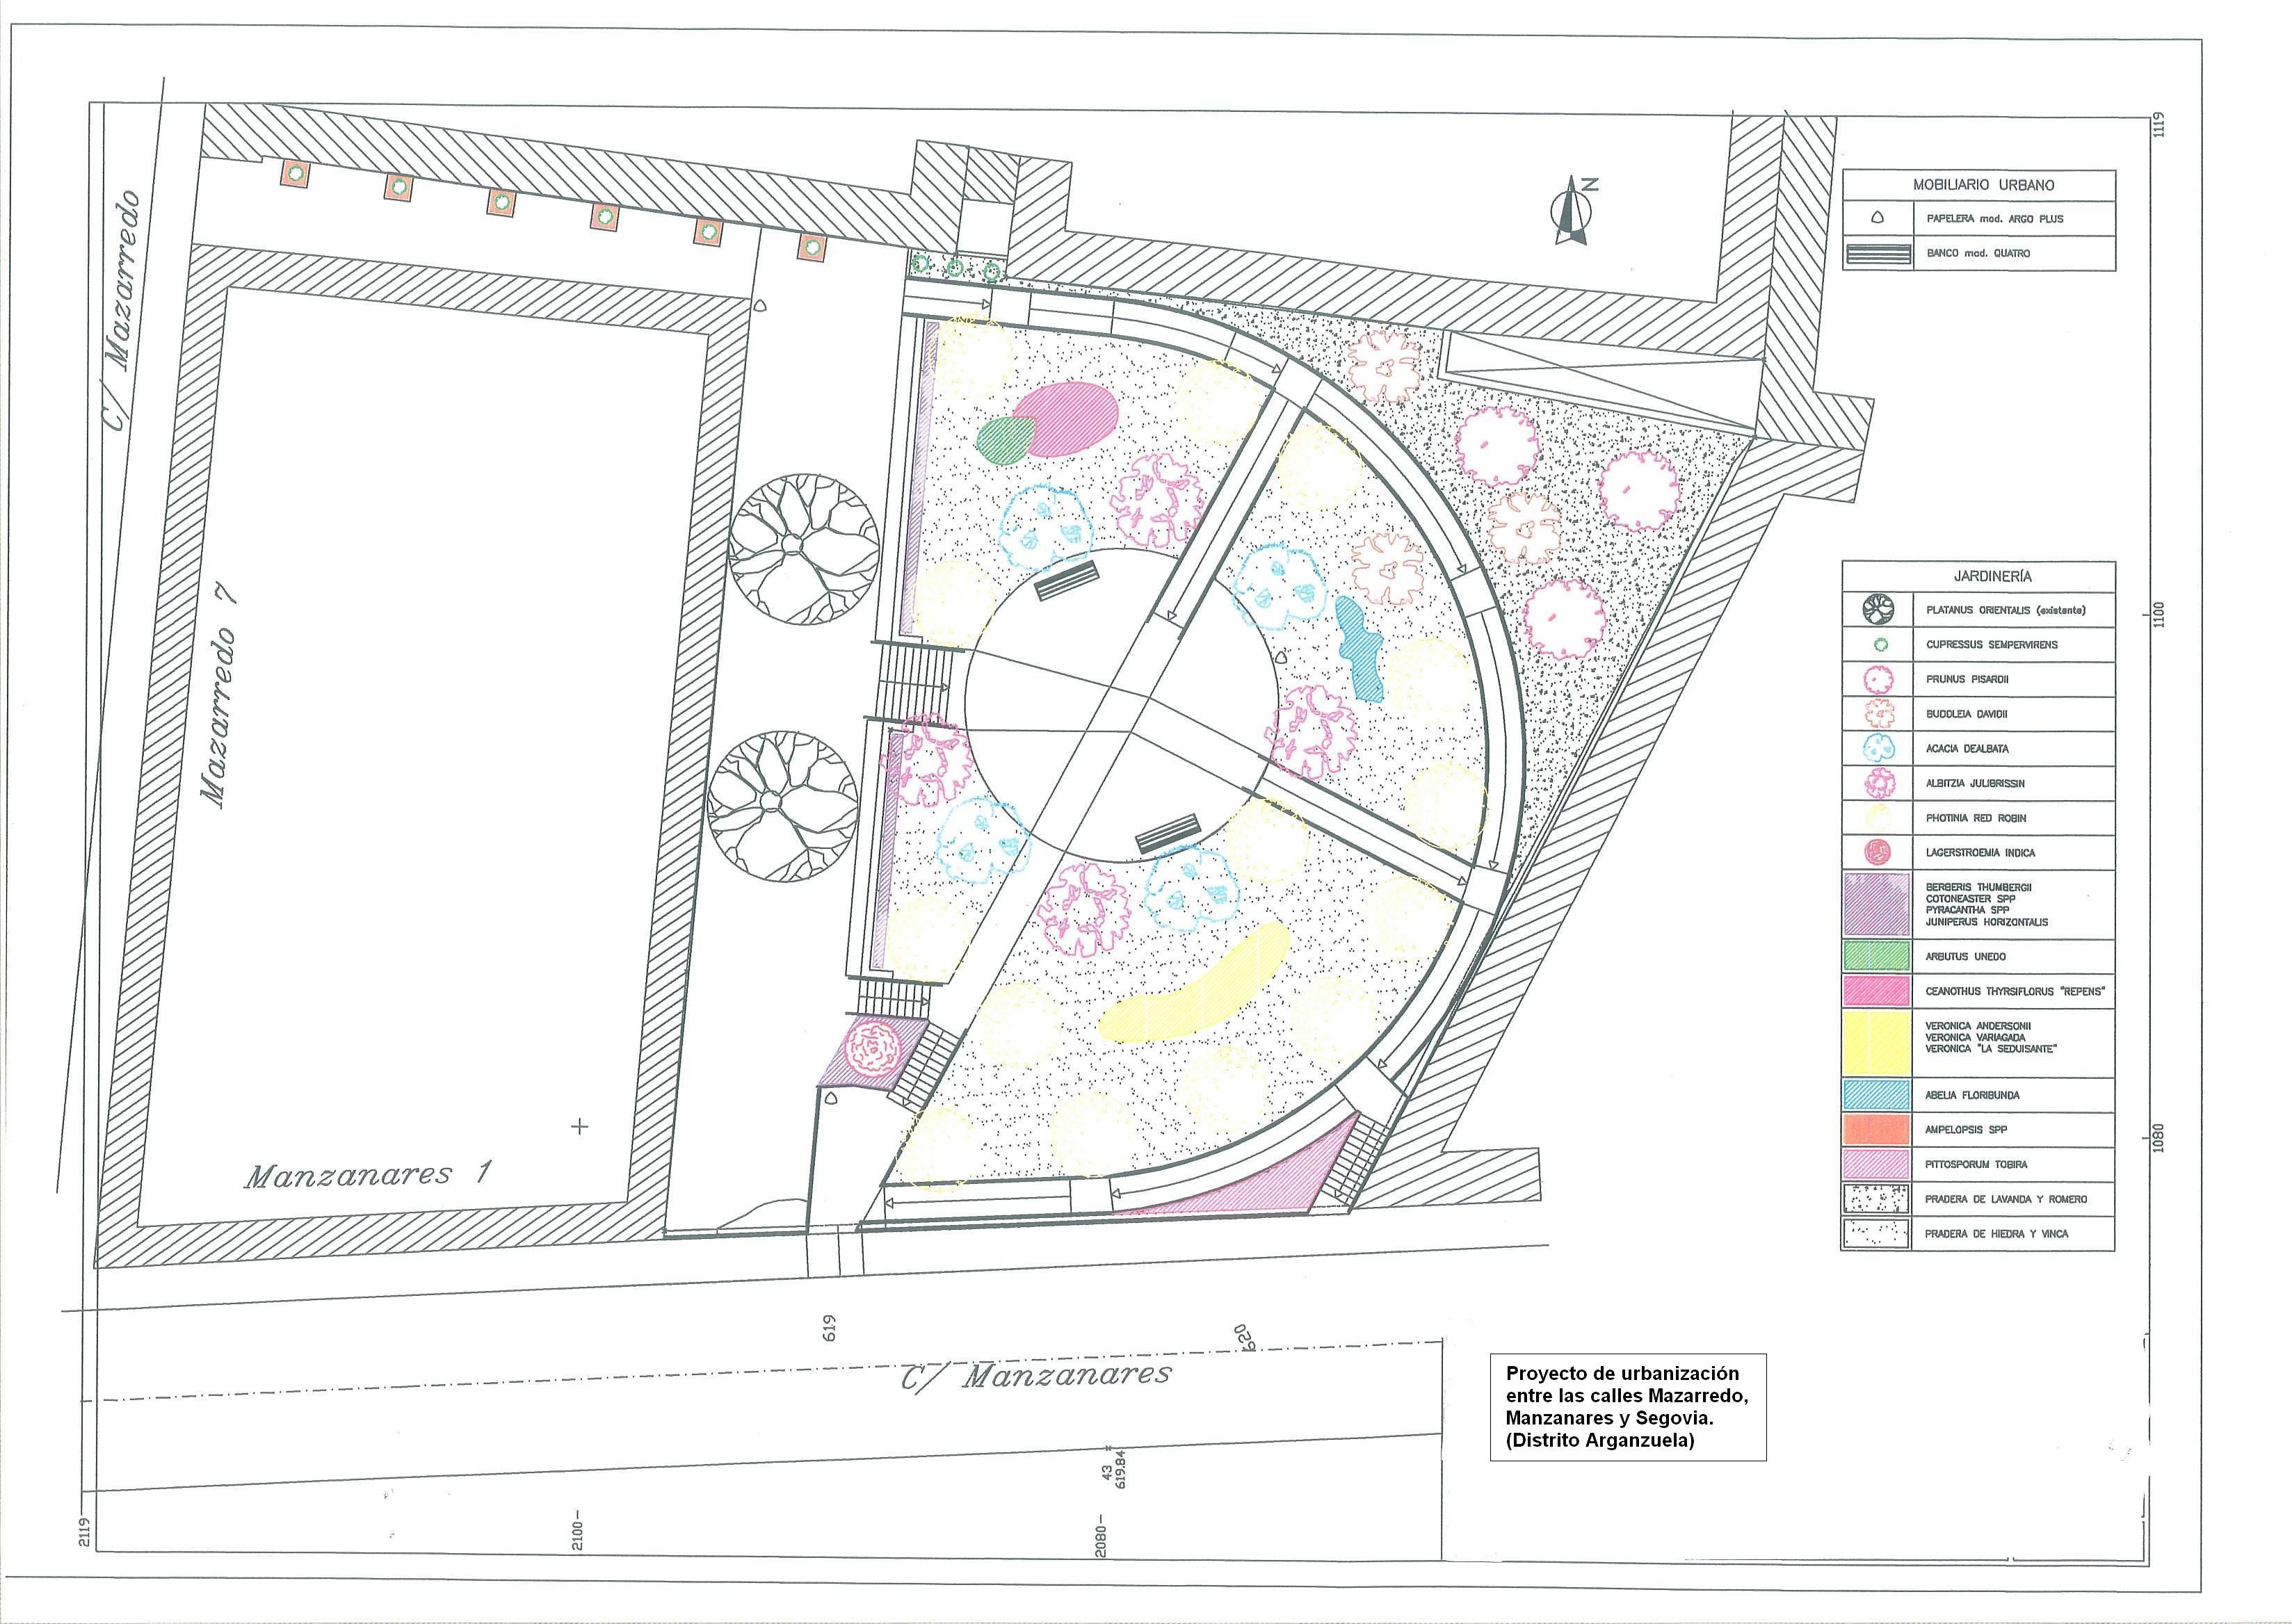 Nueva plaza en arganzuela sostenible y accesible for Mobiliario para planos